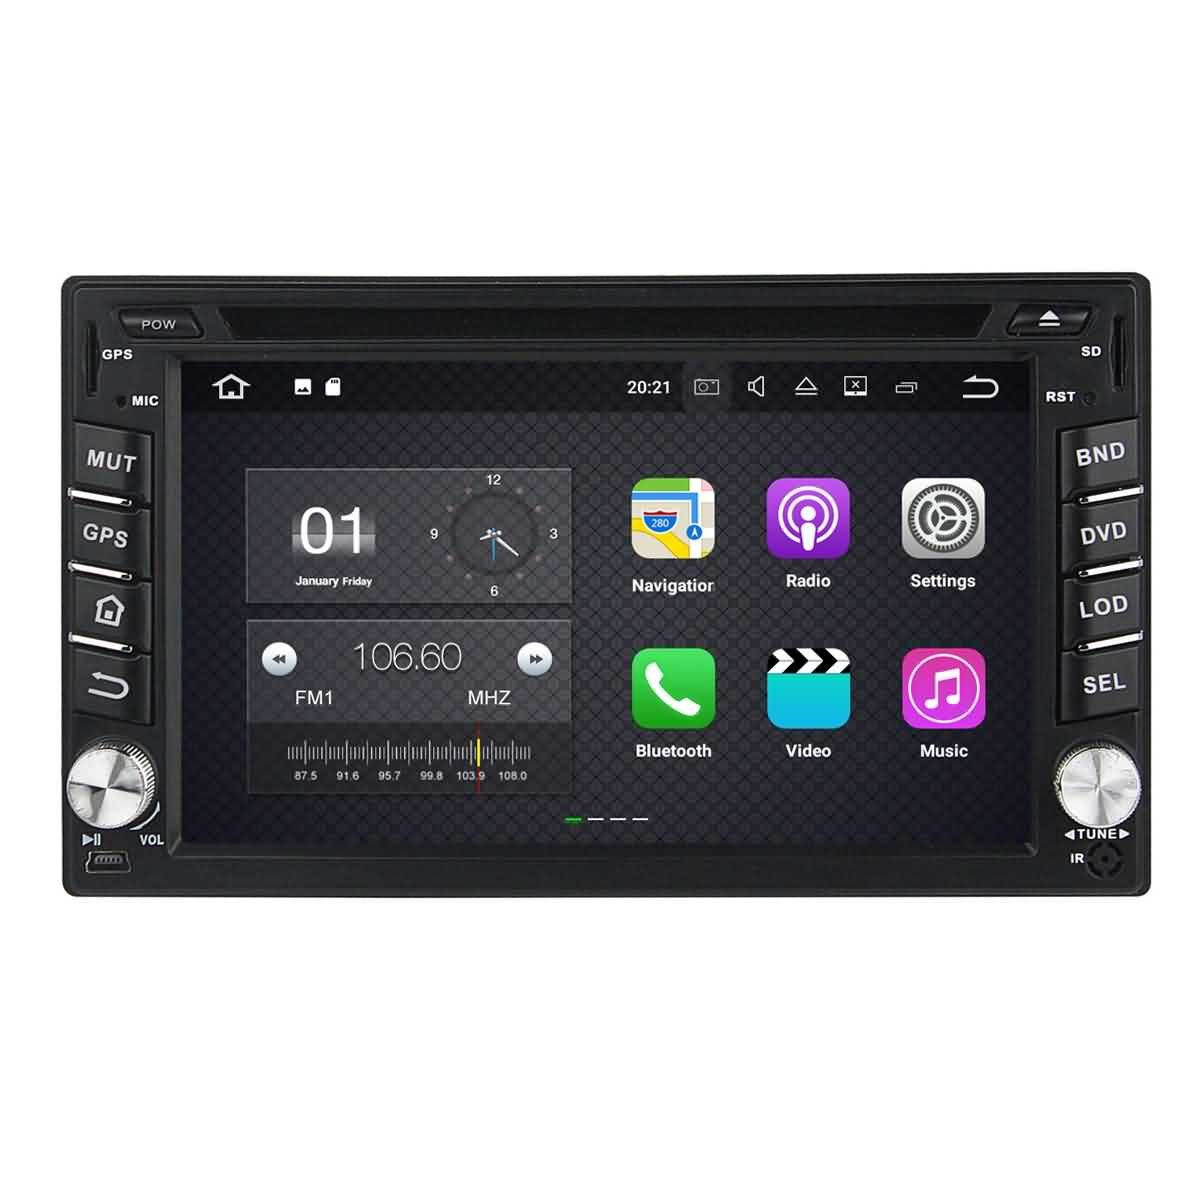 2 Din 6.2 pouces Android 7.1 stéréo de voiture pour Nissan Pathfinder 2005 2006 2007 2008 2009 2010,DAB+ radio 800x480 écran tactile capacitif avec Quad Core Cortex A9 1.6G CPU 16G flash et 2G de RAM DDR3